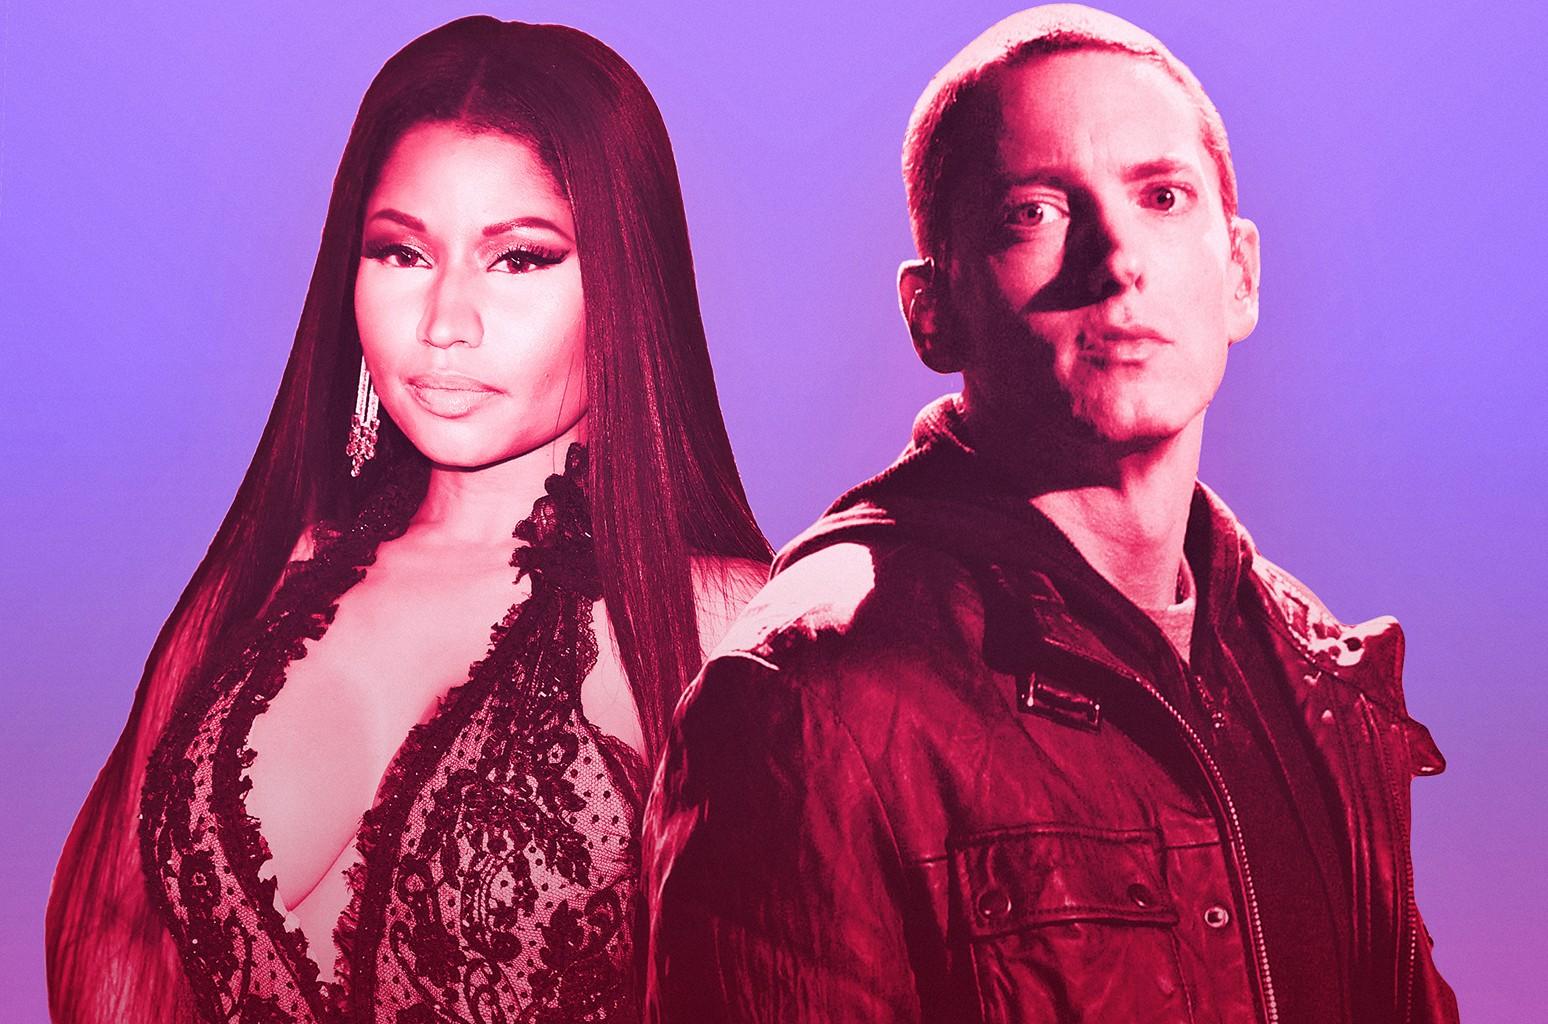 Now 💄 who is eminem dating Nicki Minaj